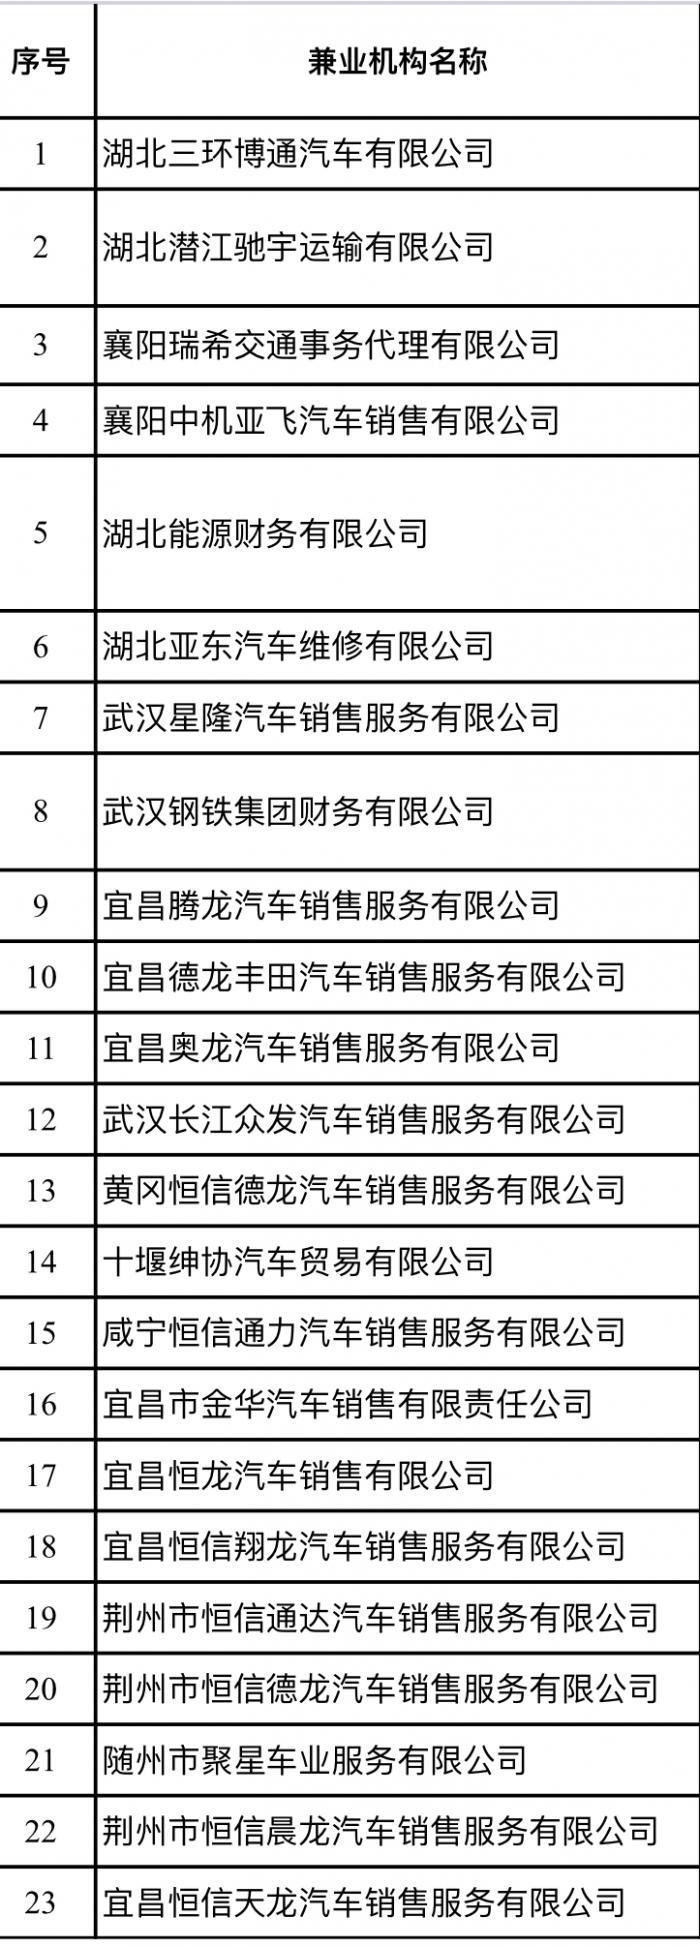 湖北省银保监局决策销户商业保险兼业代理组织